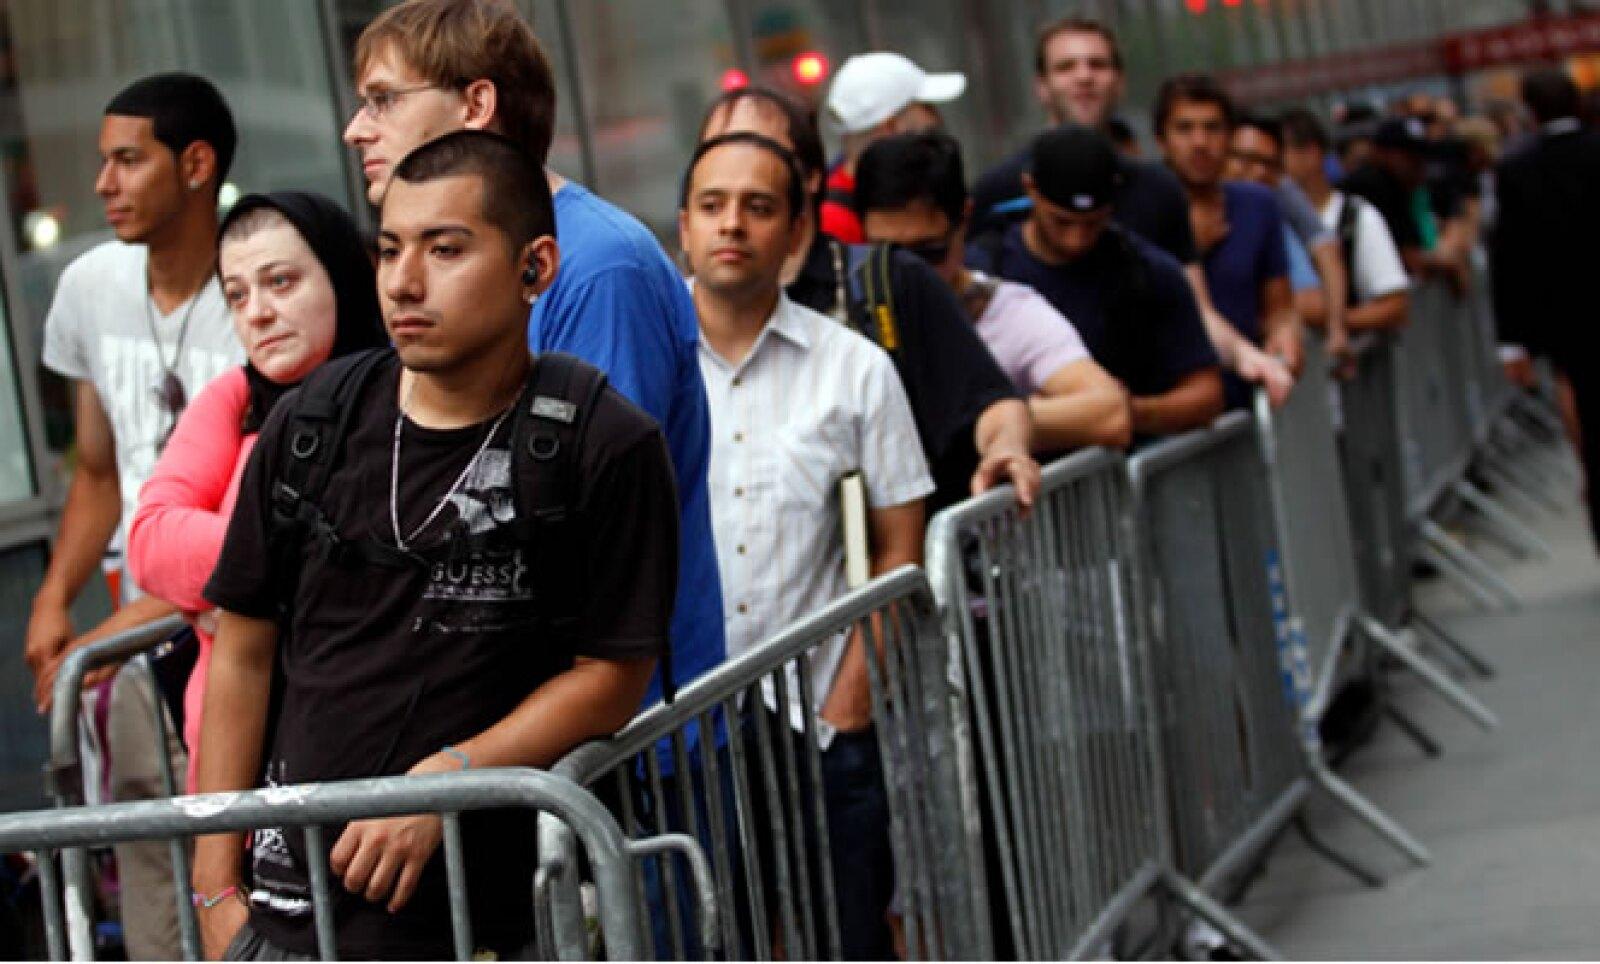 Cientos de personas se reunieron en la tienda de la Quinta Avenida en Nueva York, esperando el nuevo iPhone.